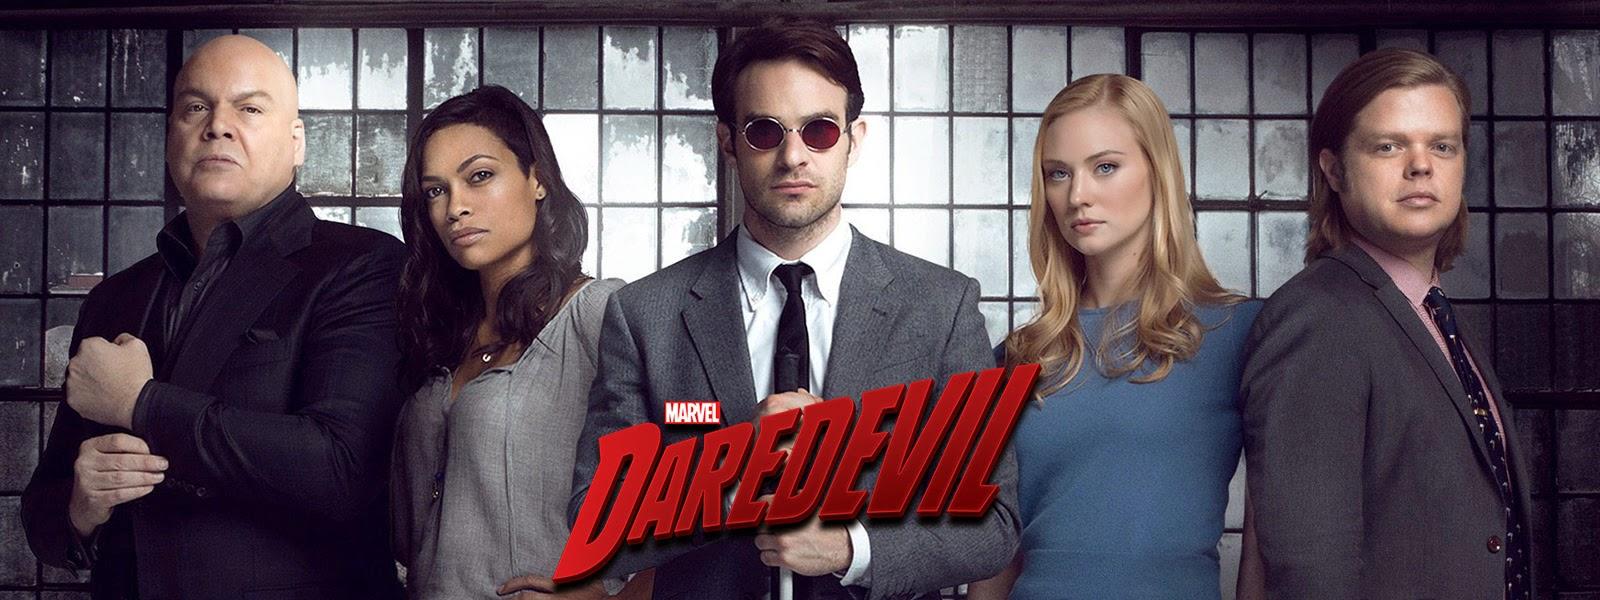 Hiệp Sĩ Mù: Phần 1 - Daredevil: Season 1 - 2015